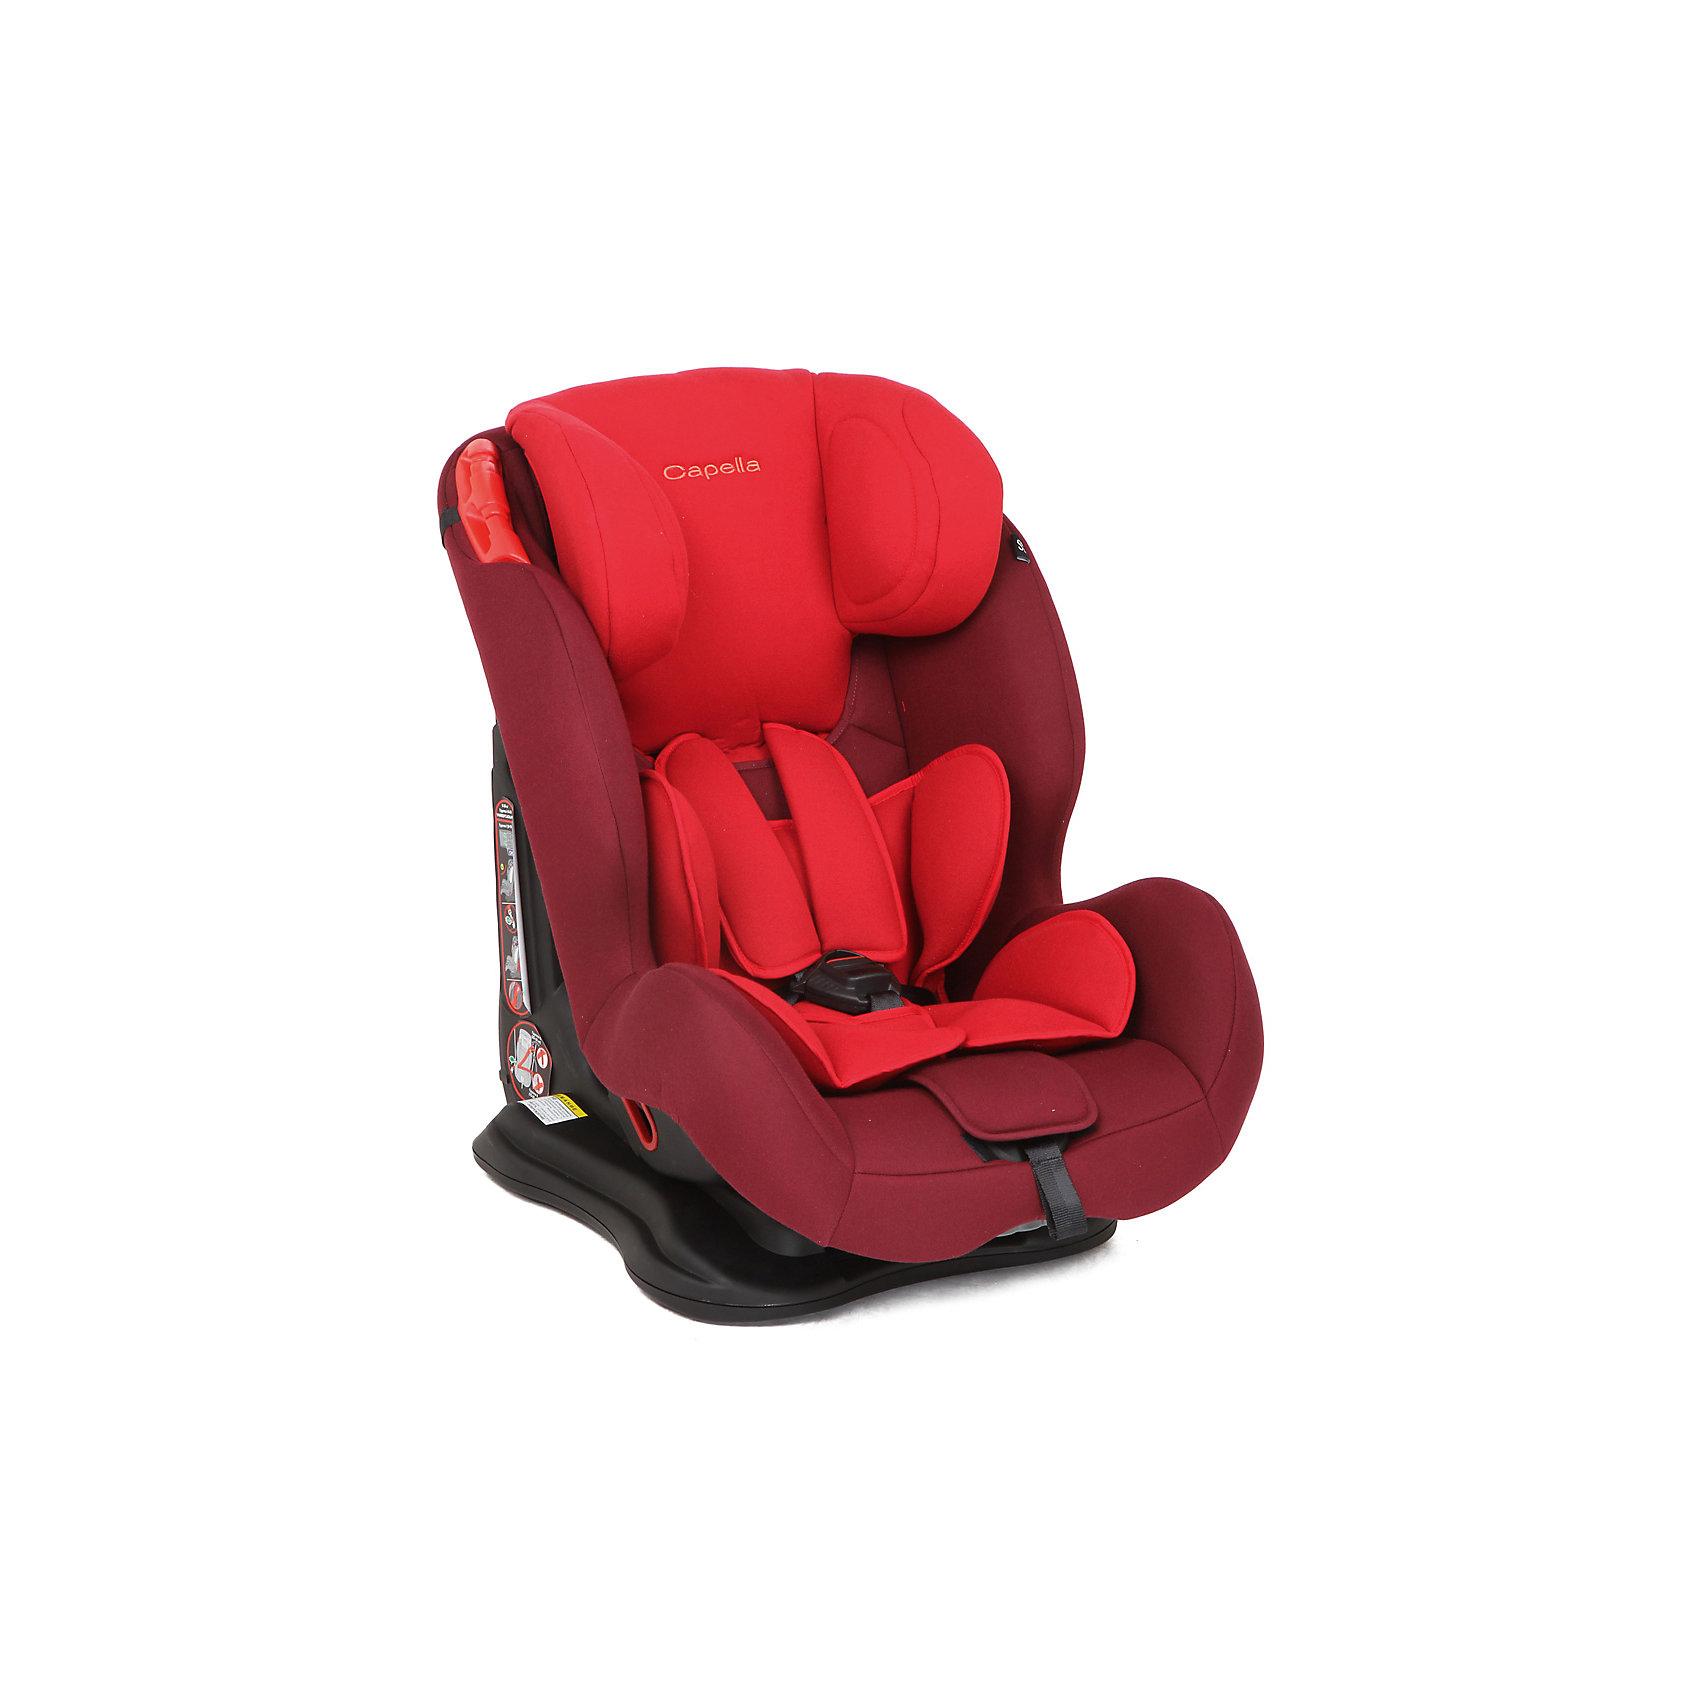 Автокресло CAPELLA 9-36 кг. , Chili Pepper, красный/малиновыйГруппа 1-2-3 (От 9 до 36 кг)<br>Автокресло - необходимый атрибут современной семьи, в которой есть машина. Это высокотехнологичное надежное автокресло позволит перевозить ребенка, не беспокоясь при этом о его безопасности. Оно предназначено для предназначено для детей весом от 9 до 36 килограмм. Такое кресло обеспечит малышу не только безопасность, но и удобство (регулируемые ремни безопасности и анатомическая форма). Ребенок надежно фиксируется в кресле и ездит с комфортом.<br>Автокресло устанавливают по ходу движения. Такое кресло дает возможность свободно путешествовать, ездить в гости и при этом  быть рядом с малышом. Конструкция - очень удобная и прочная. Изделие произведено из качественных и безопасных для малышей материалов, оно соответствуют всем современным требованиям безопасности. Оно отлично показало себя на краш-тестах.<br> <br>Дополнительная информация:<br><br>цвет: красный;<br>материал: текстиль, пластик;<br>вес ребенка:  от 9 до 36 кг;<br>вес кресла: 8,5 кг;<br>внутренние ремни - пятиточечные;<br>широкая мягкая спинка;<br>анатомичная форма;<br>регулировка высоты подголовника;<br>дополнительная защита от боковых ударов;<br>съемный чехол;<br>соответствие стандартам ECE R44/04.<br><br>Автокресло 9-36 кг., Chili Pepper, красный/малиновый от компании CAPELLA можно купить в нашем магазине.<br><br>Ширина мм: 820<br>Глубина мм: 530<br>Высота мм: 450<br>Вес г: 8500<br>Возраст от месяцев: 12<br>Возраст до месяцев: 144<br>Пол: Женский<br>Возраст: Детский<br>SKU: 4778444